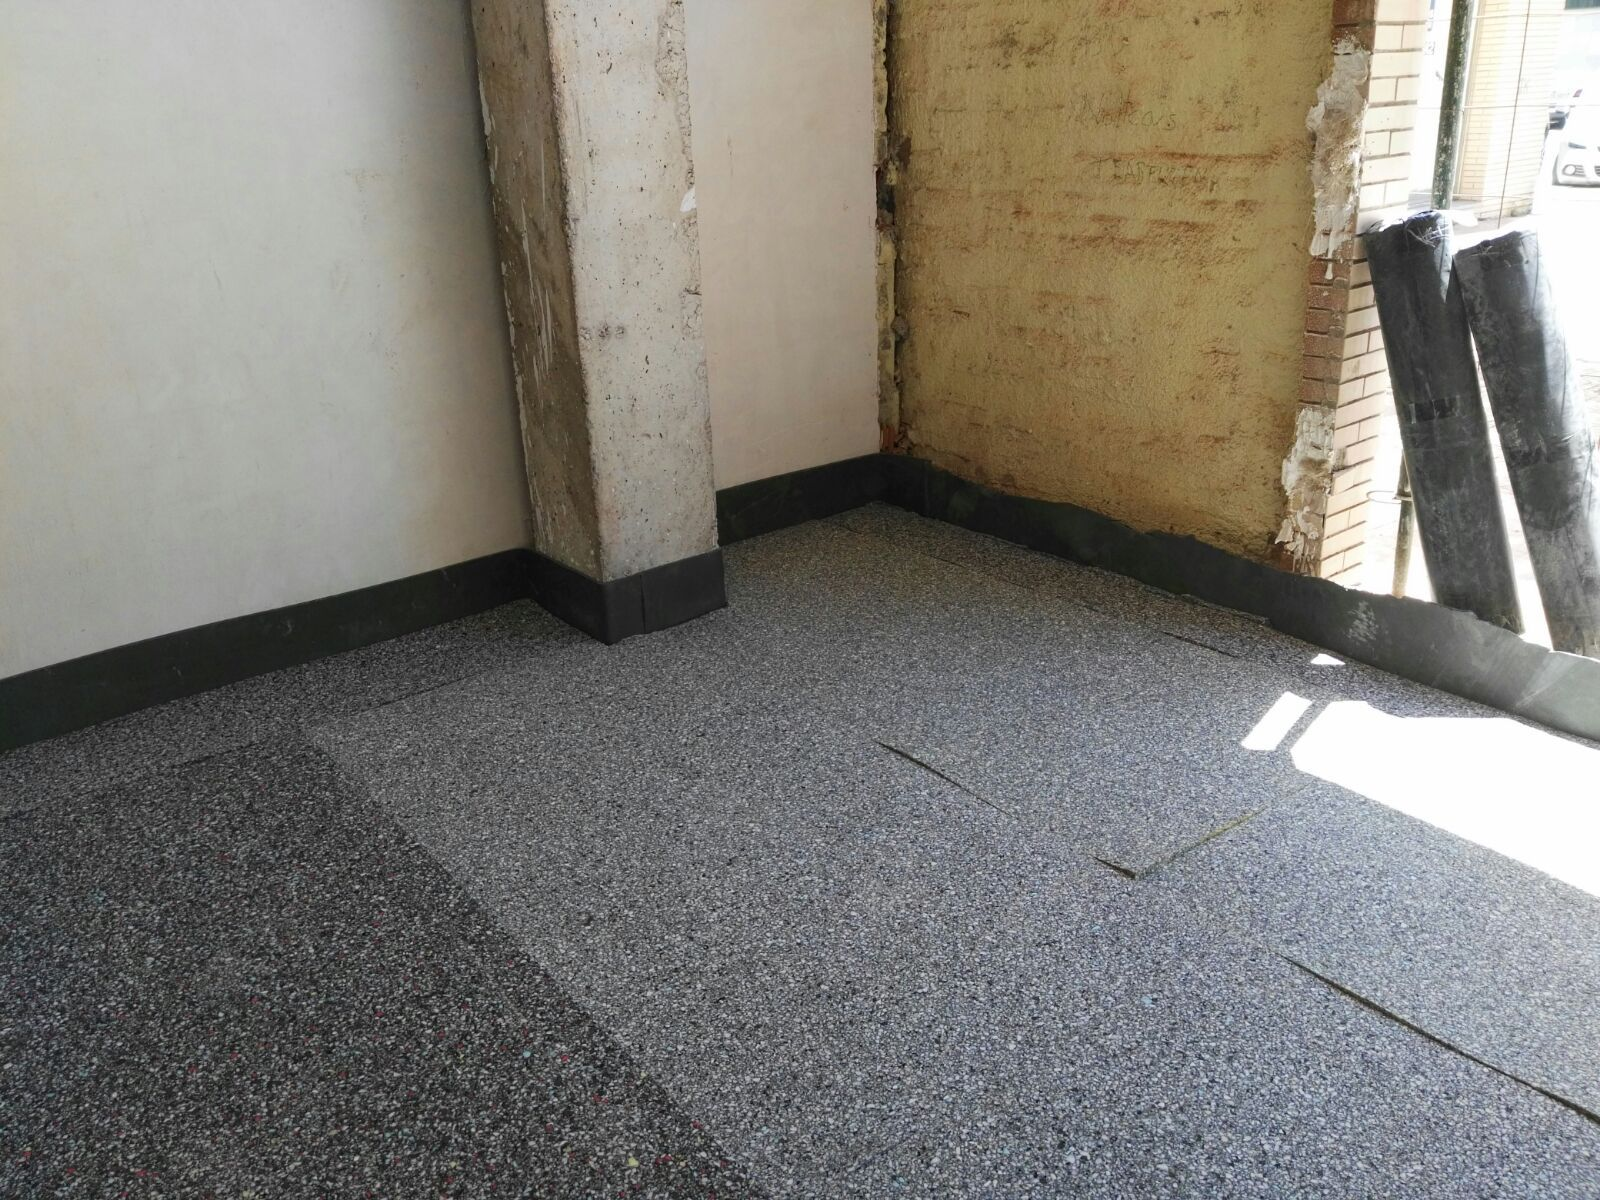 Foto 65 de Aislamientos acústicos y térmicos en Almería | Acoustic Drywall